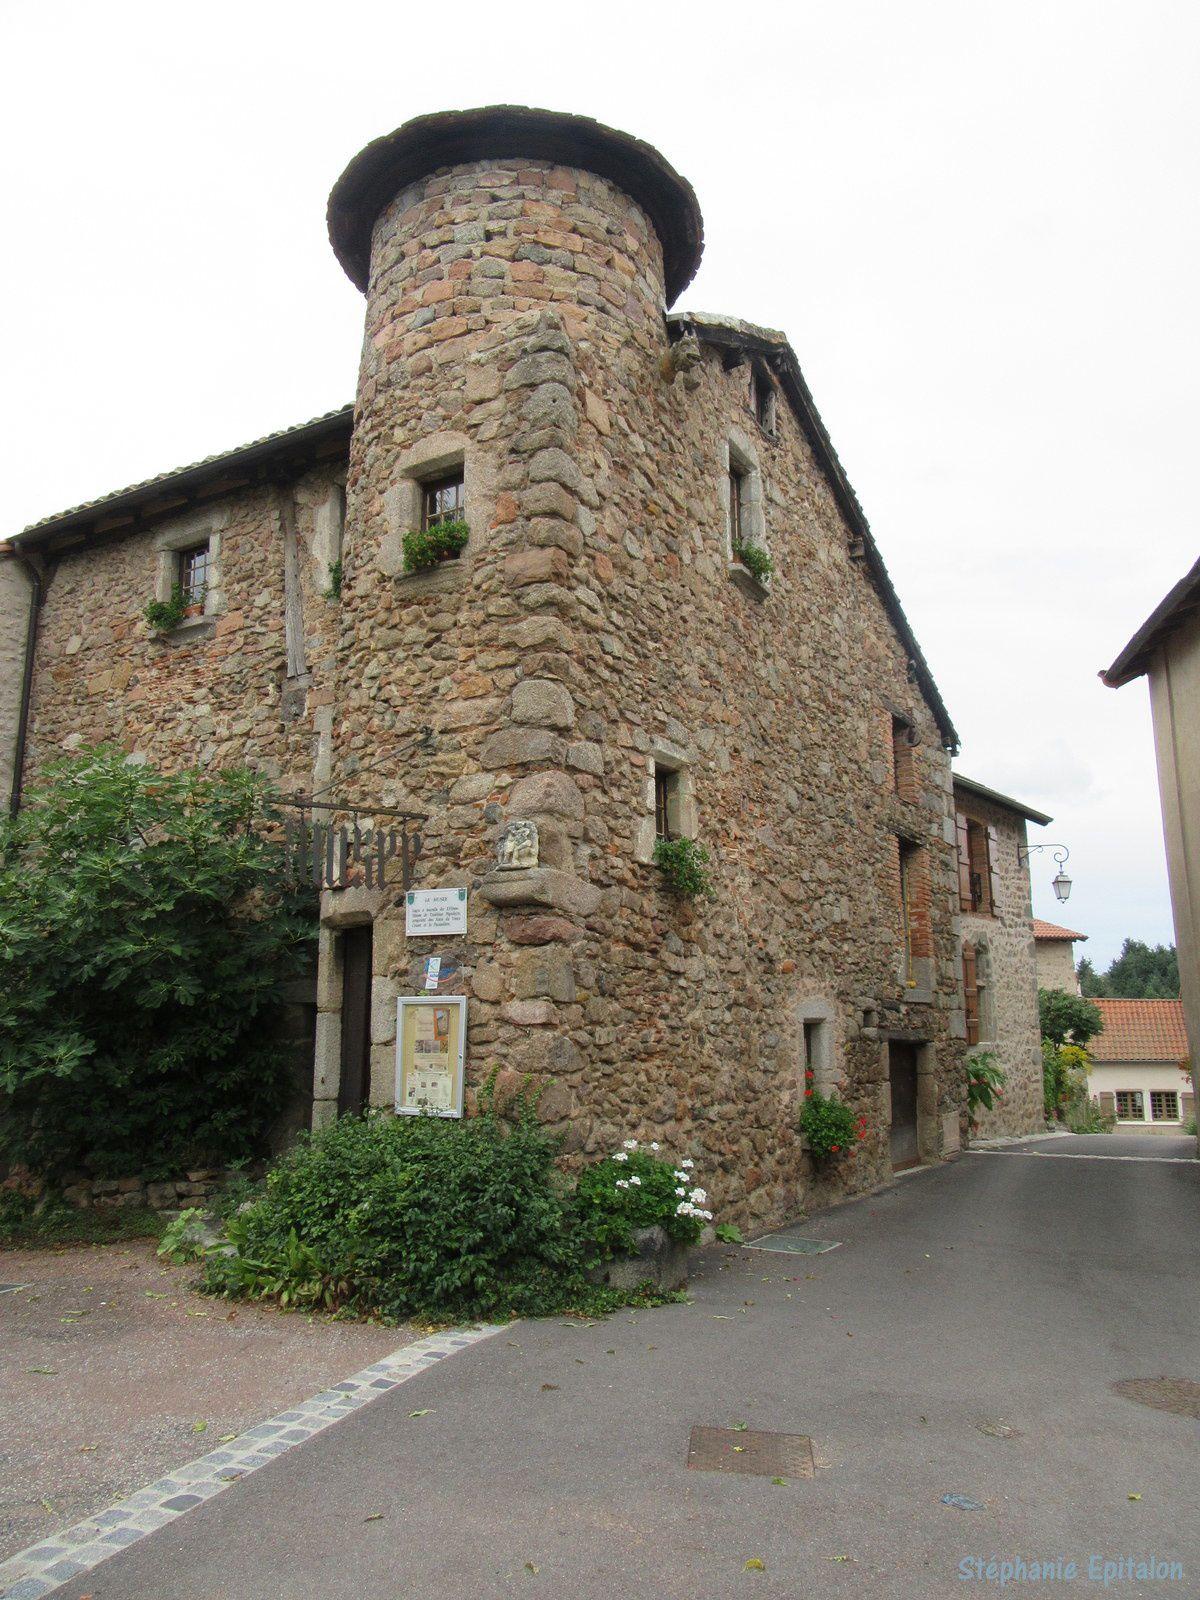 Le musée du village date du XVème siècle. Il contient depuis 1959 la musée d'arts et traditions populaires de Crozet